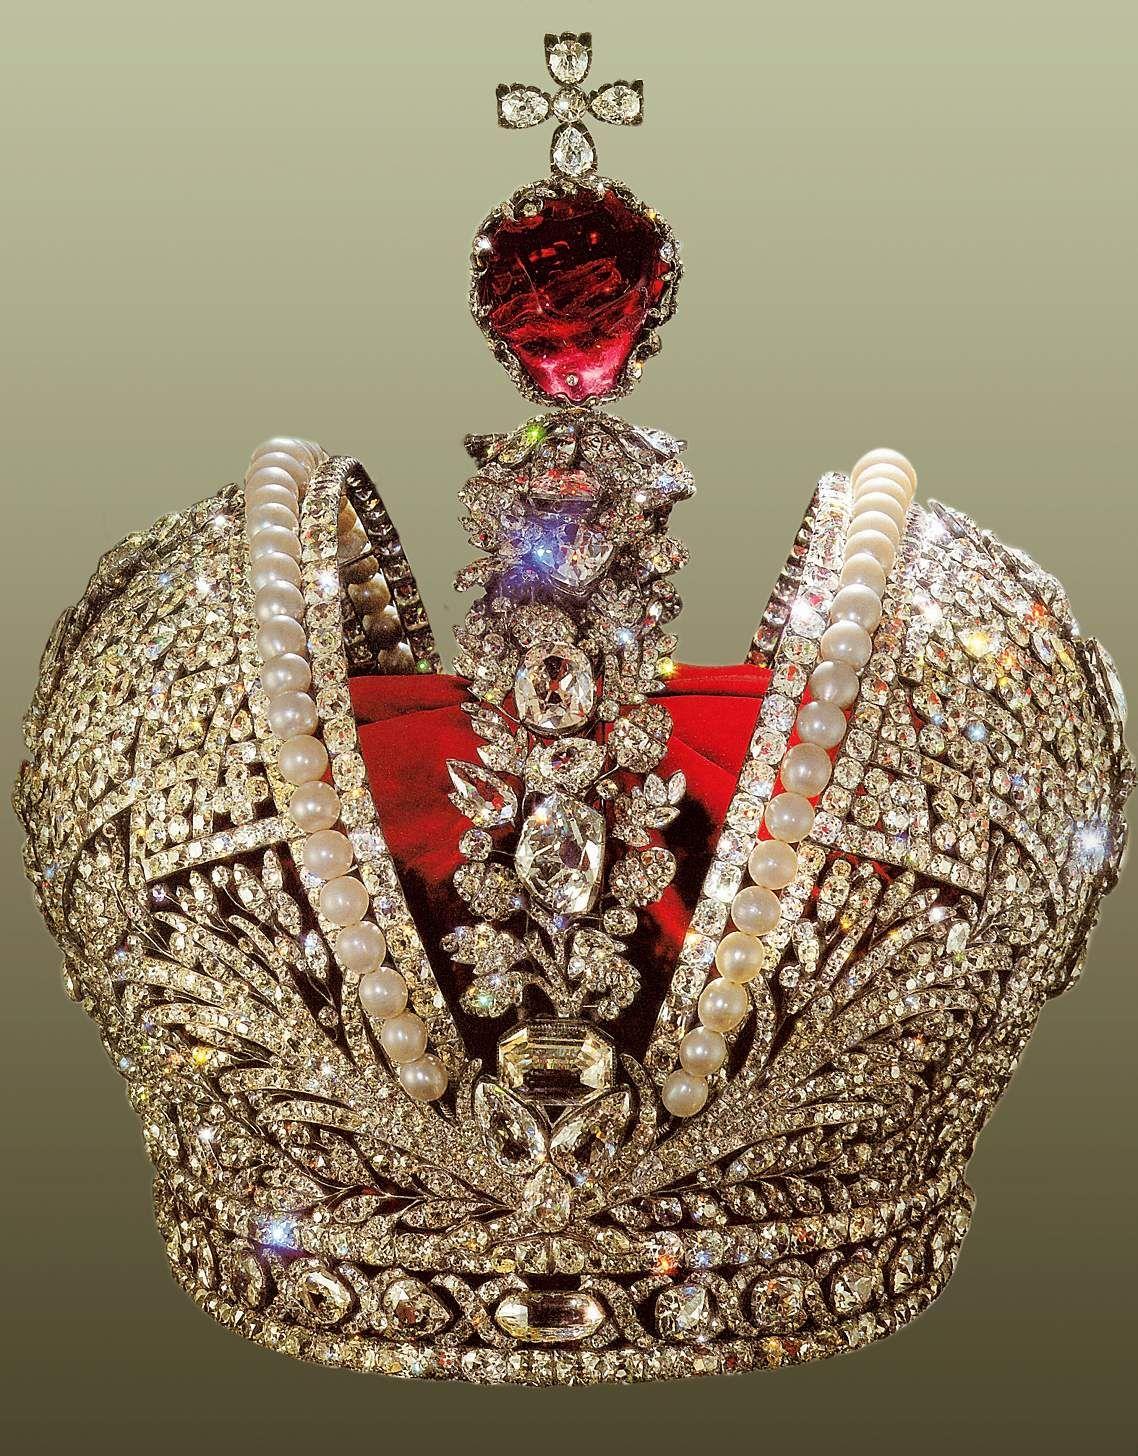 Обои для рабочего стола корона российской империи